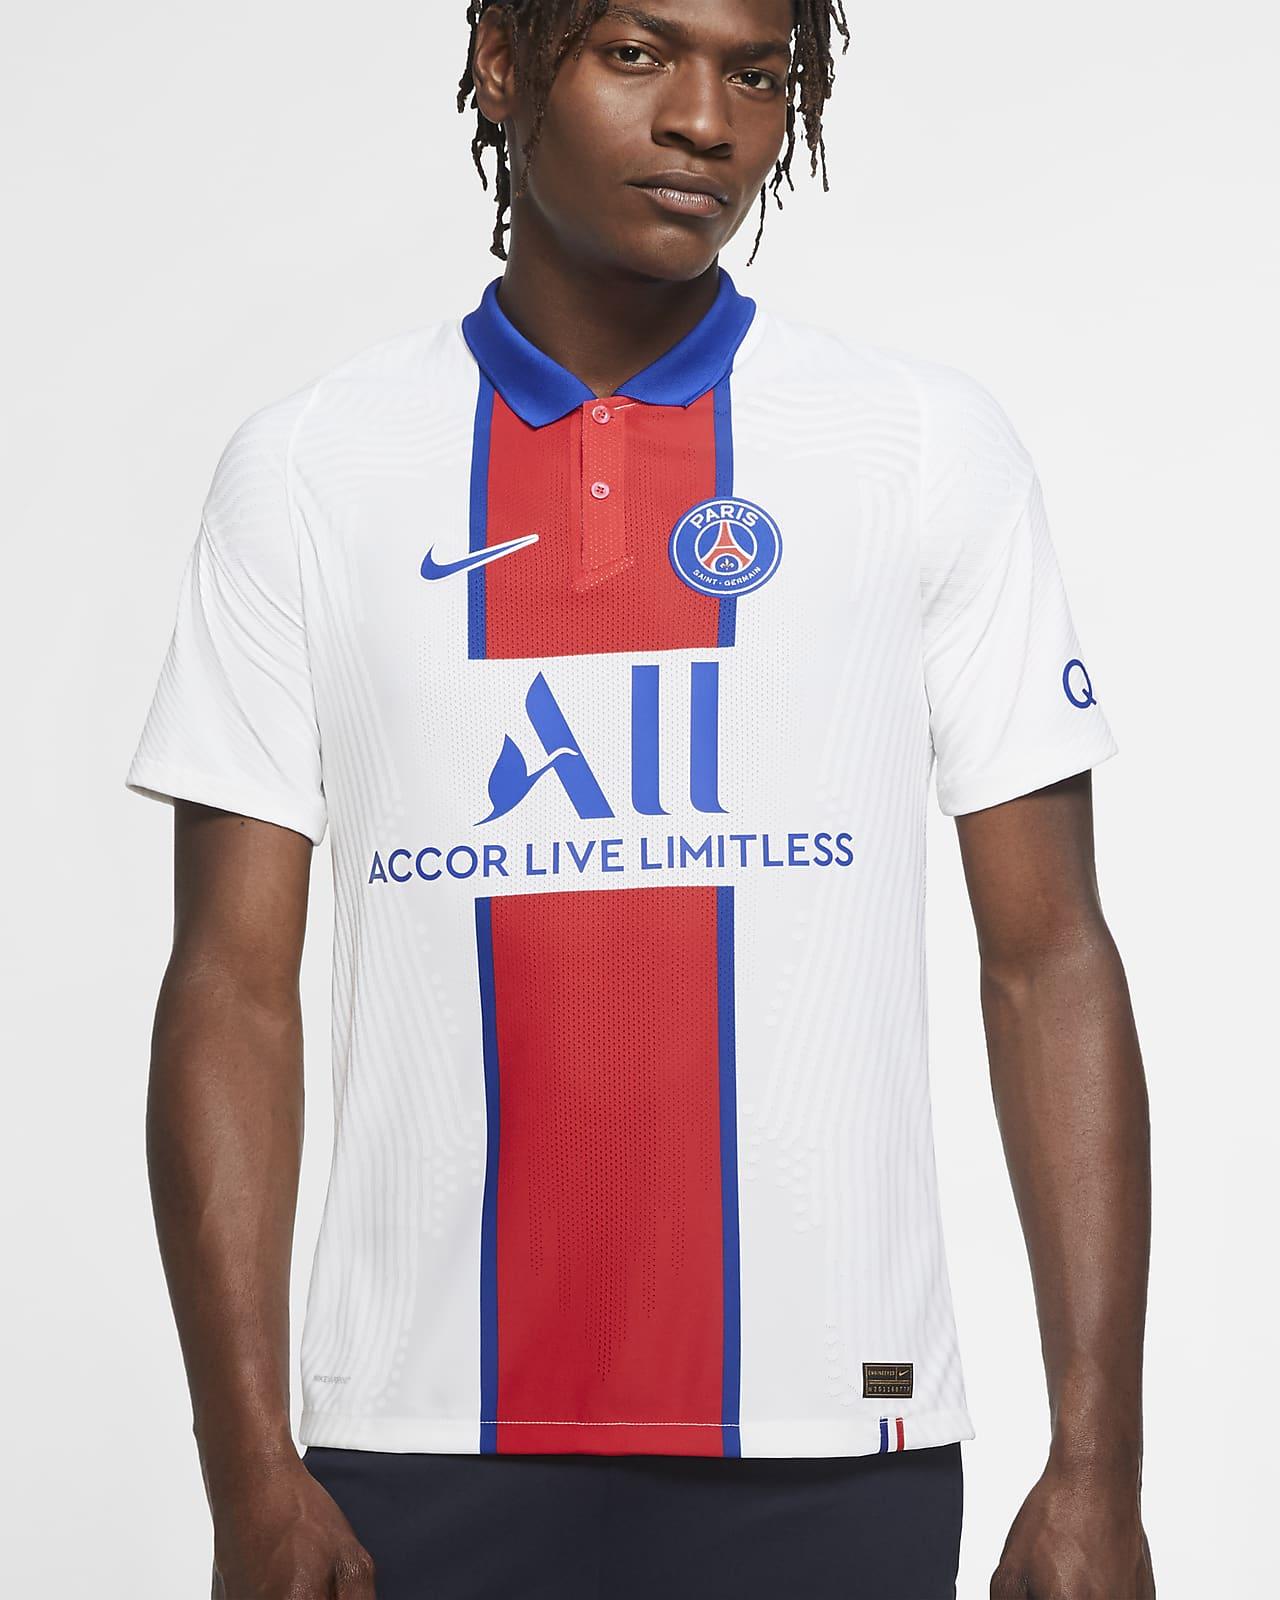 Fotbollströja Paris Saint-Germain 2020/21 Vapor Match (bortaställ) för män